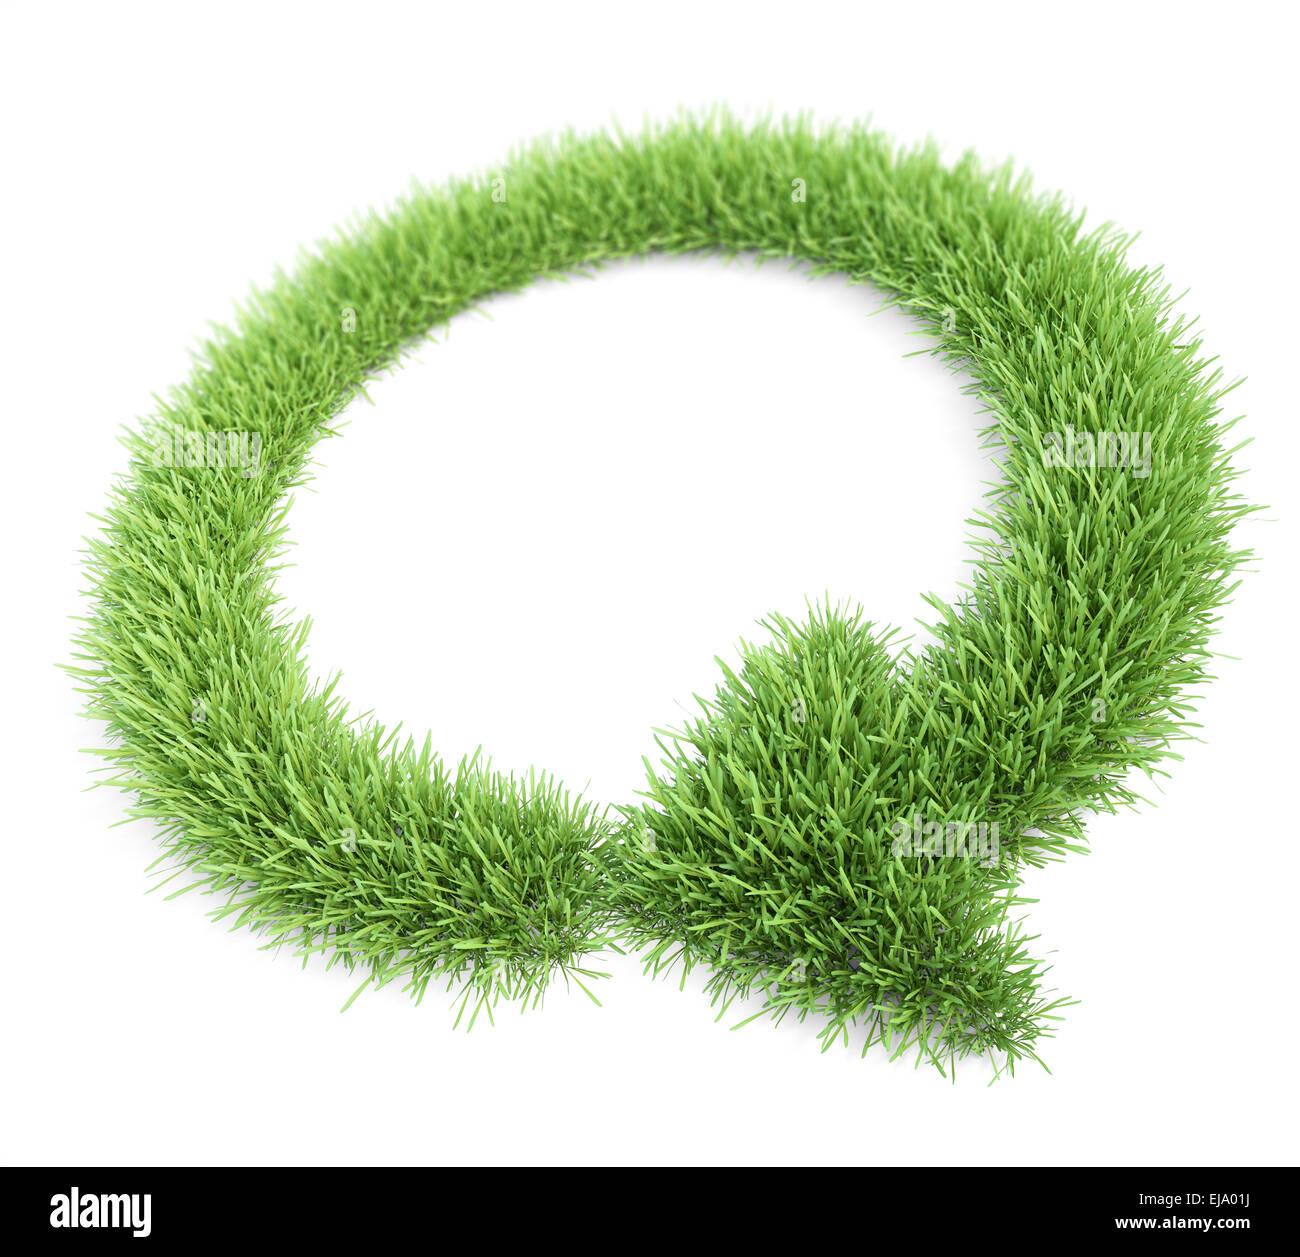 Patch di erba conformato come una freccia circolare Immagini Stock